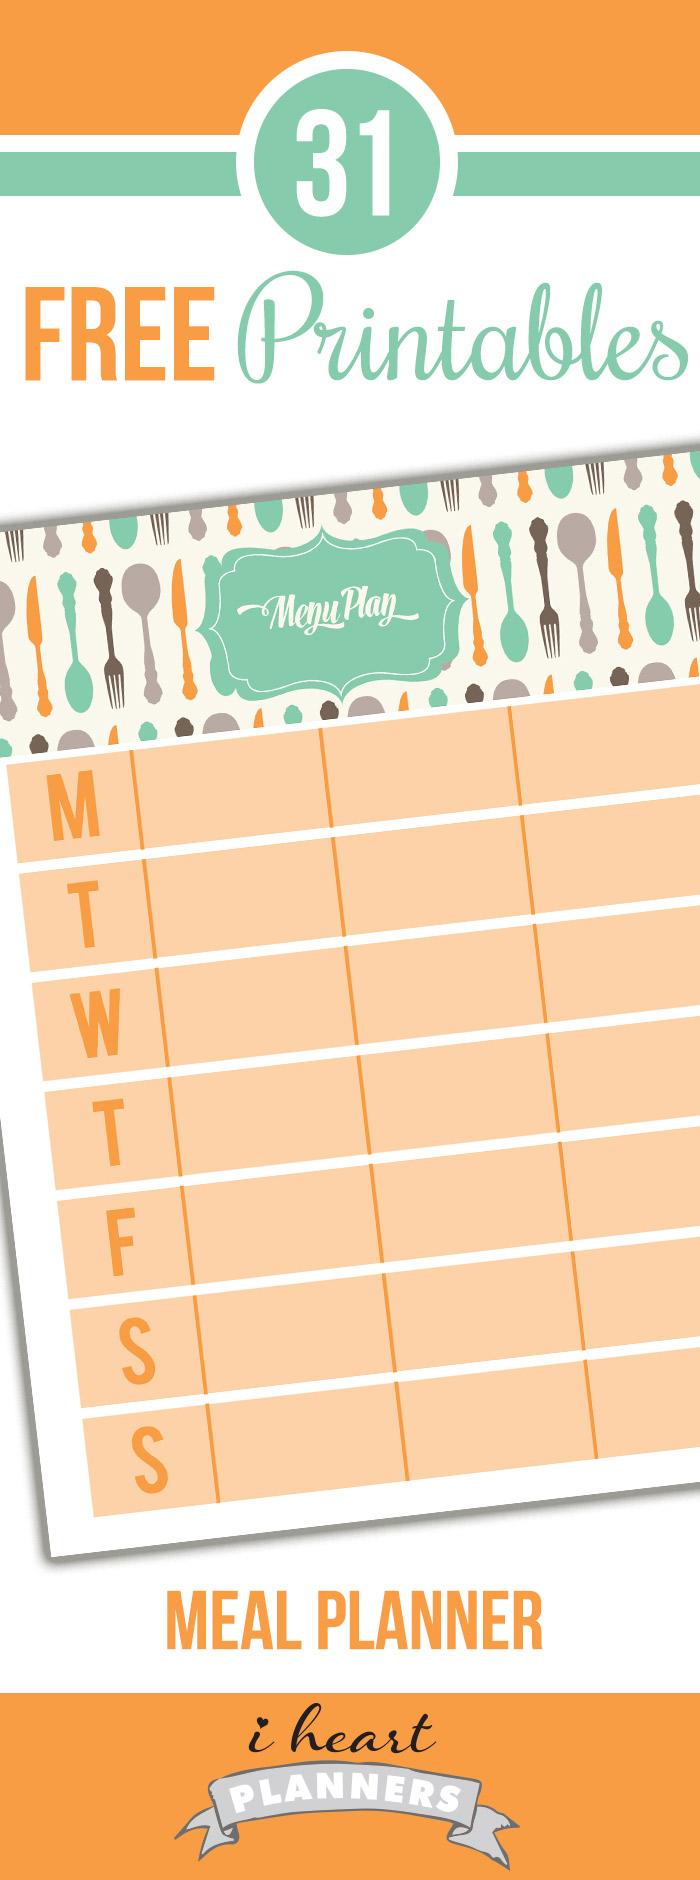 FREE Weekly Menu Planner